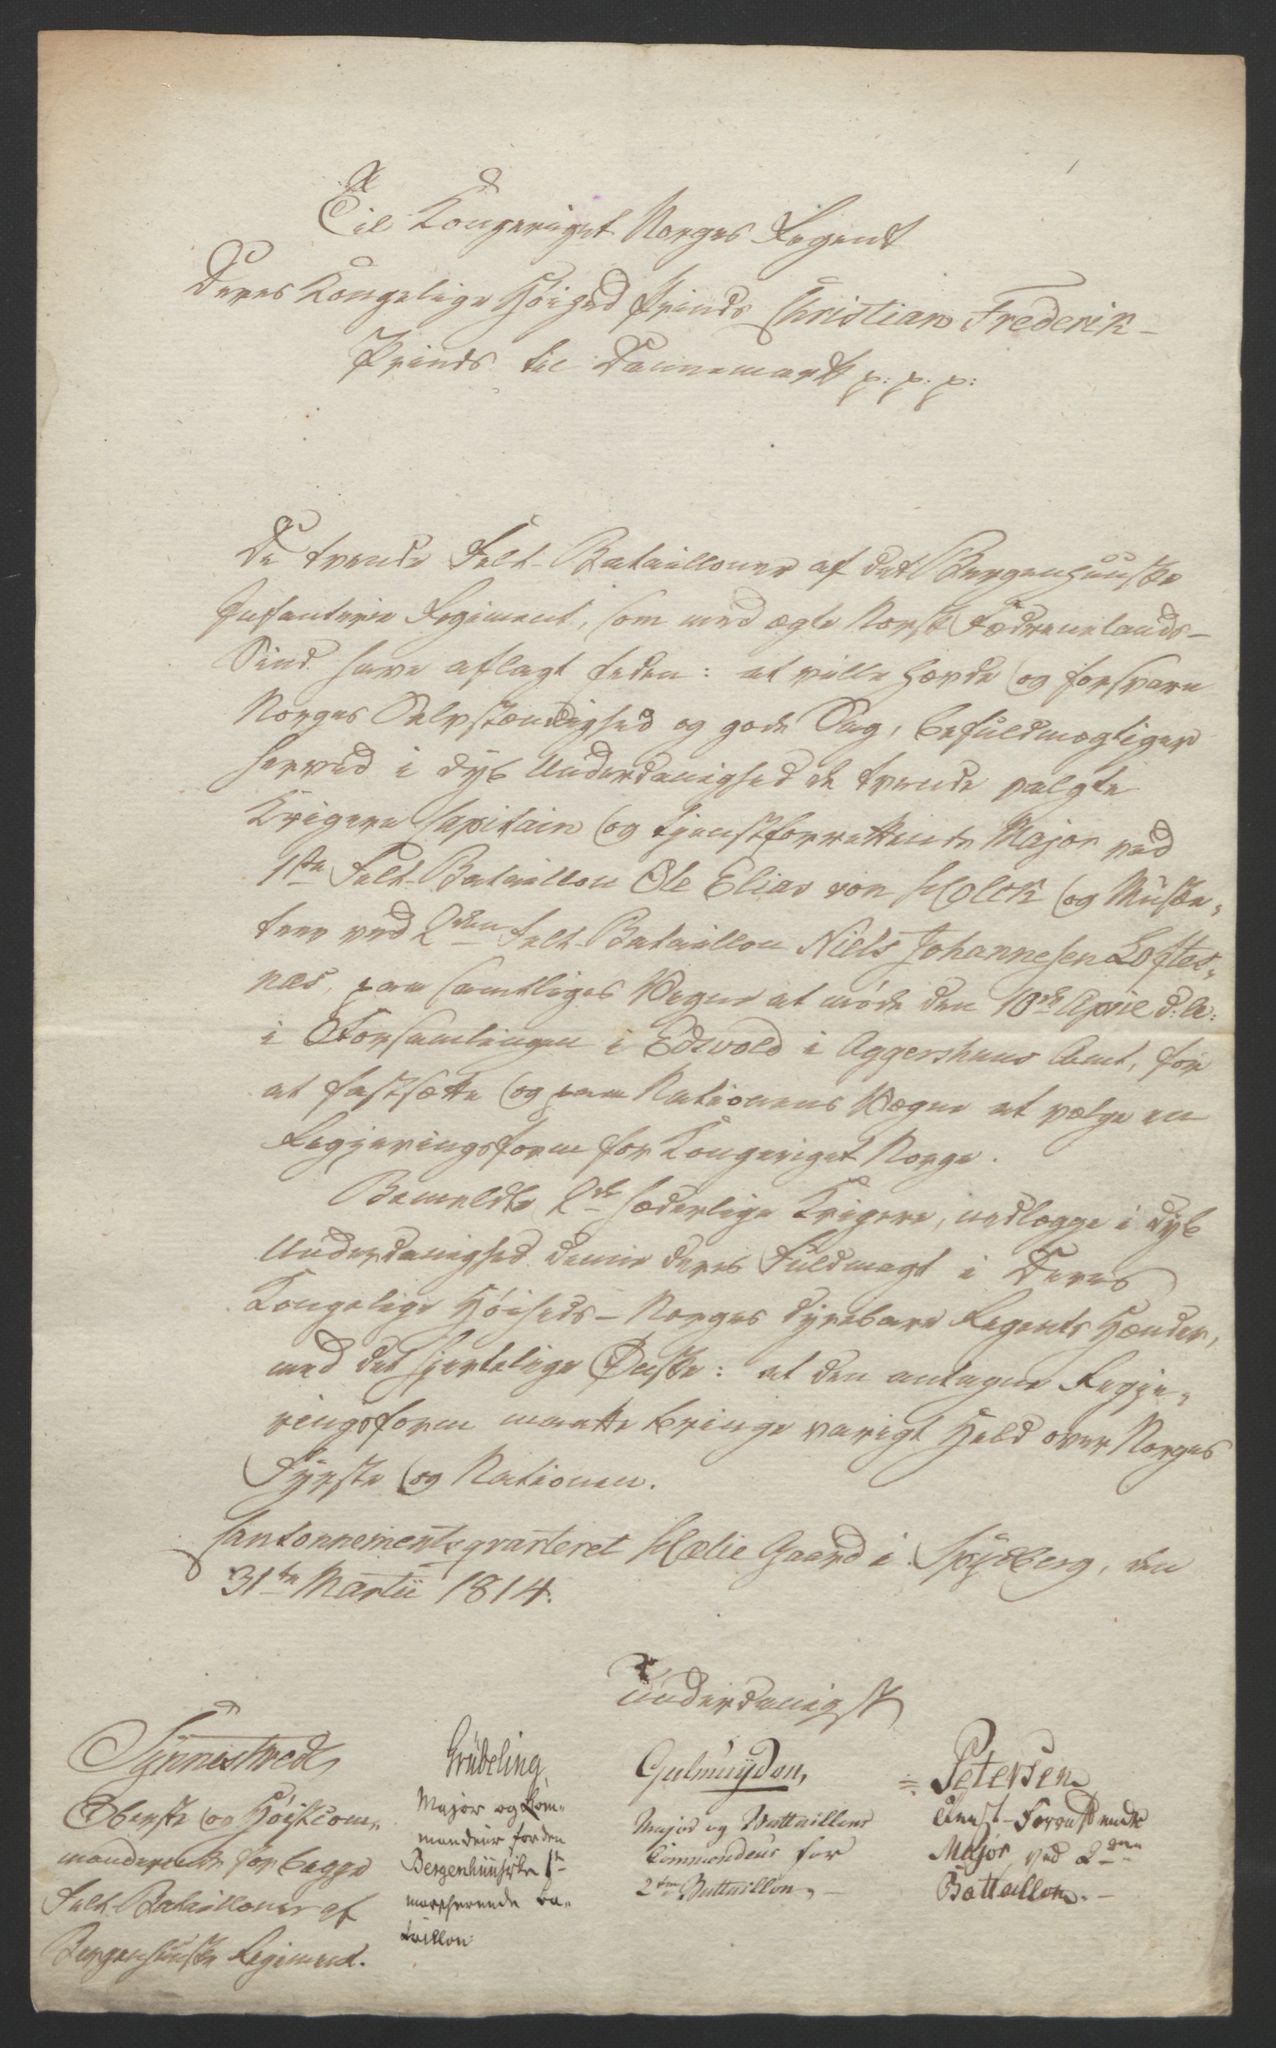 RA, Statsrådssekretariatet, D/Db/L0007: Fullmakter for Eidsvollsrepresentantene i 1814. , 1814, s. 73